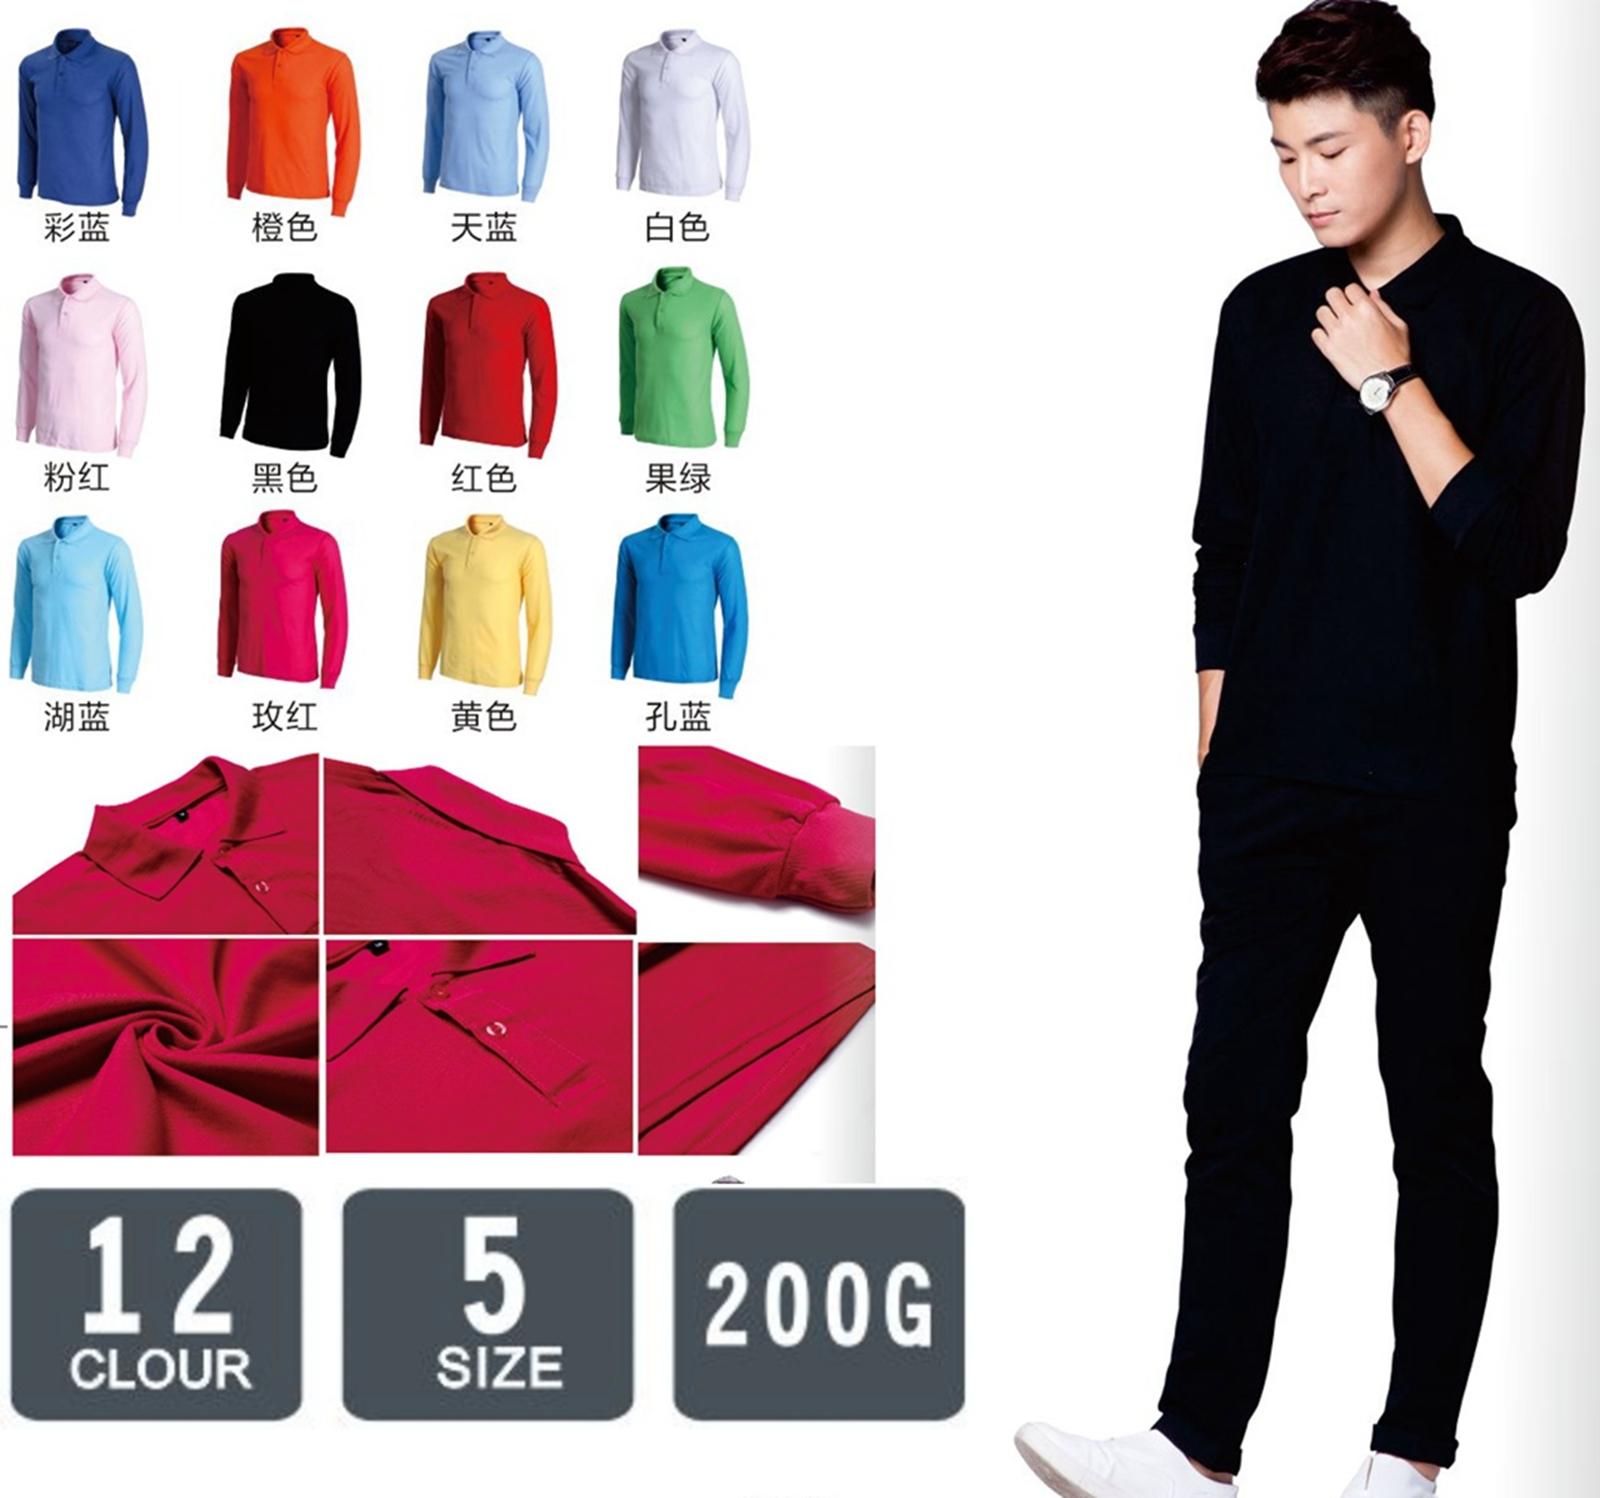 粉紅色 黑色 紅色 果綠色長袖情侶POLO衫 團體服 公司制服 糖果健康棉質